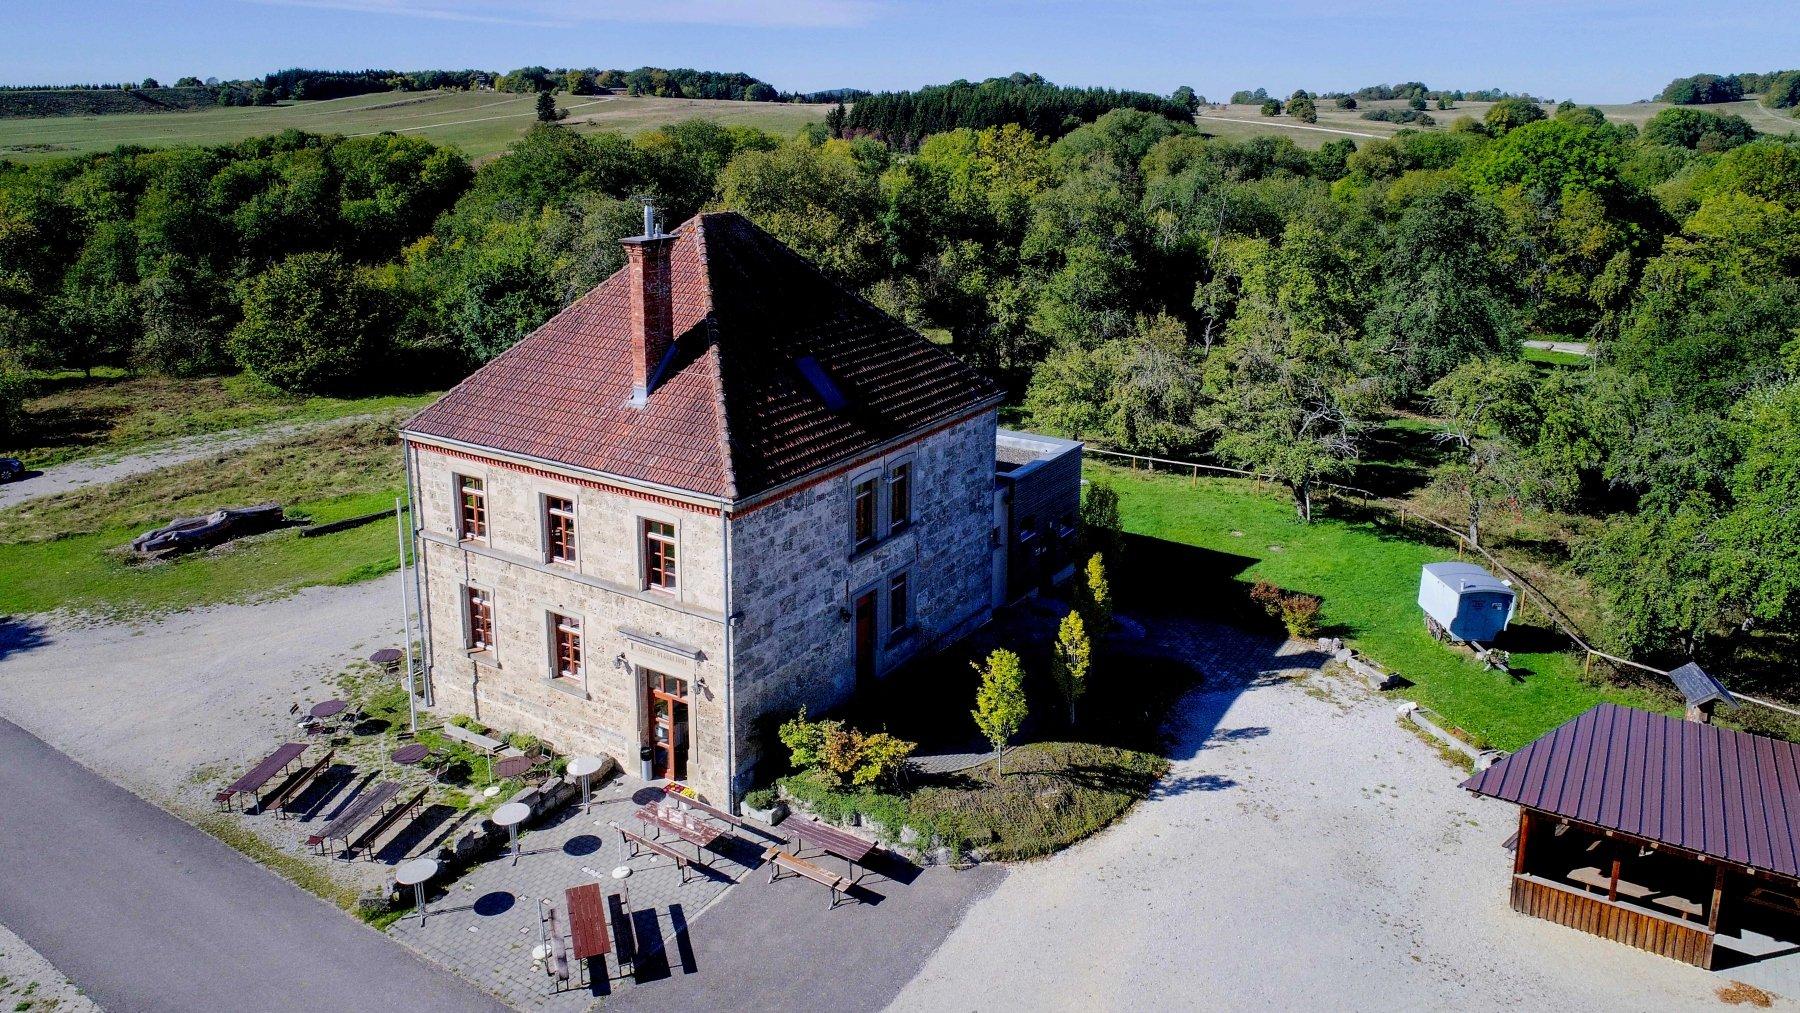 Ein historisches Haus von oben. Davor stehen einige Biertische und -bänke, drumherum sind Wiesen und Wälder. Die Sonne scheint.